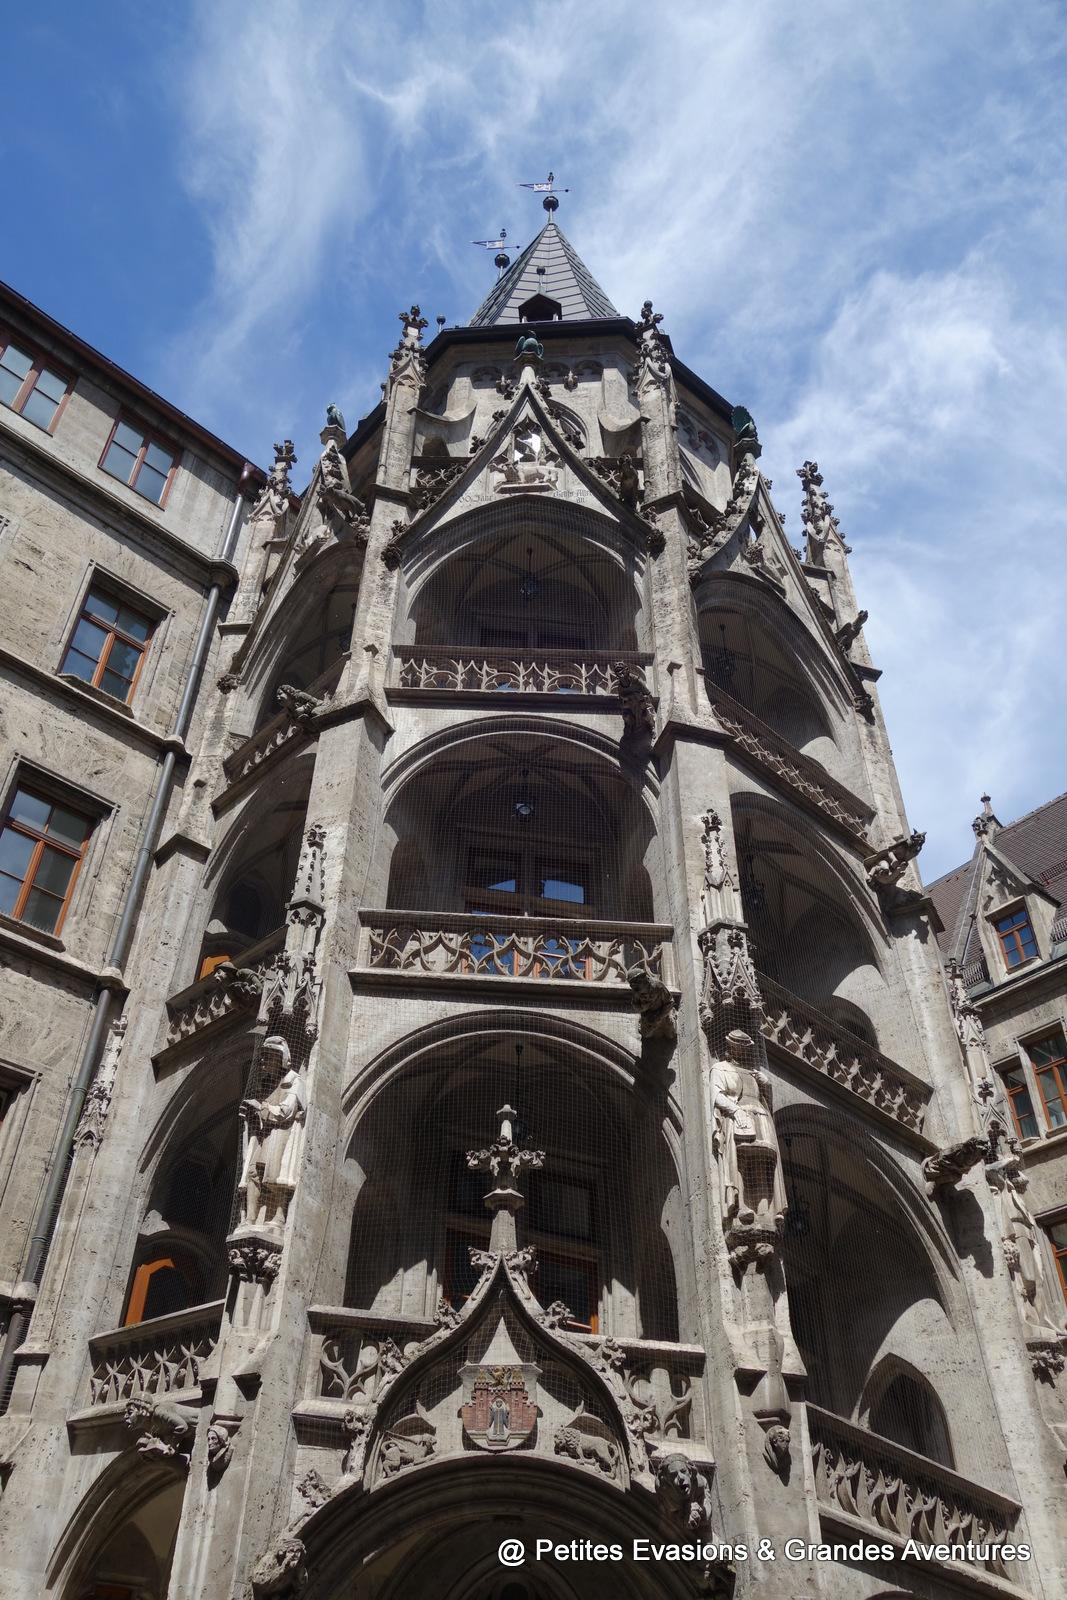 Neues Rathaus - Munich